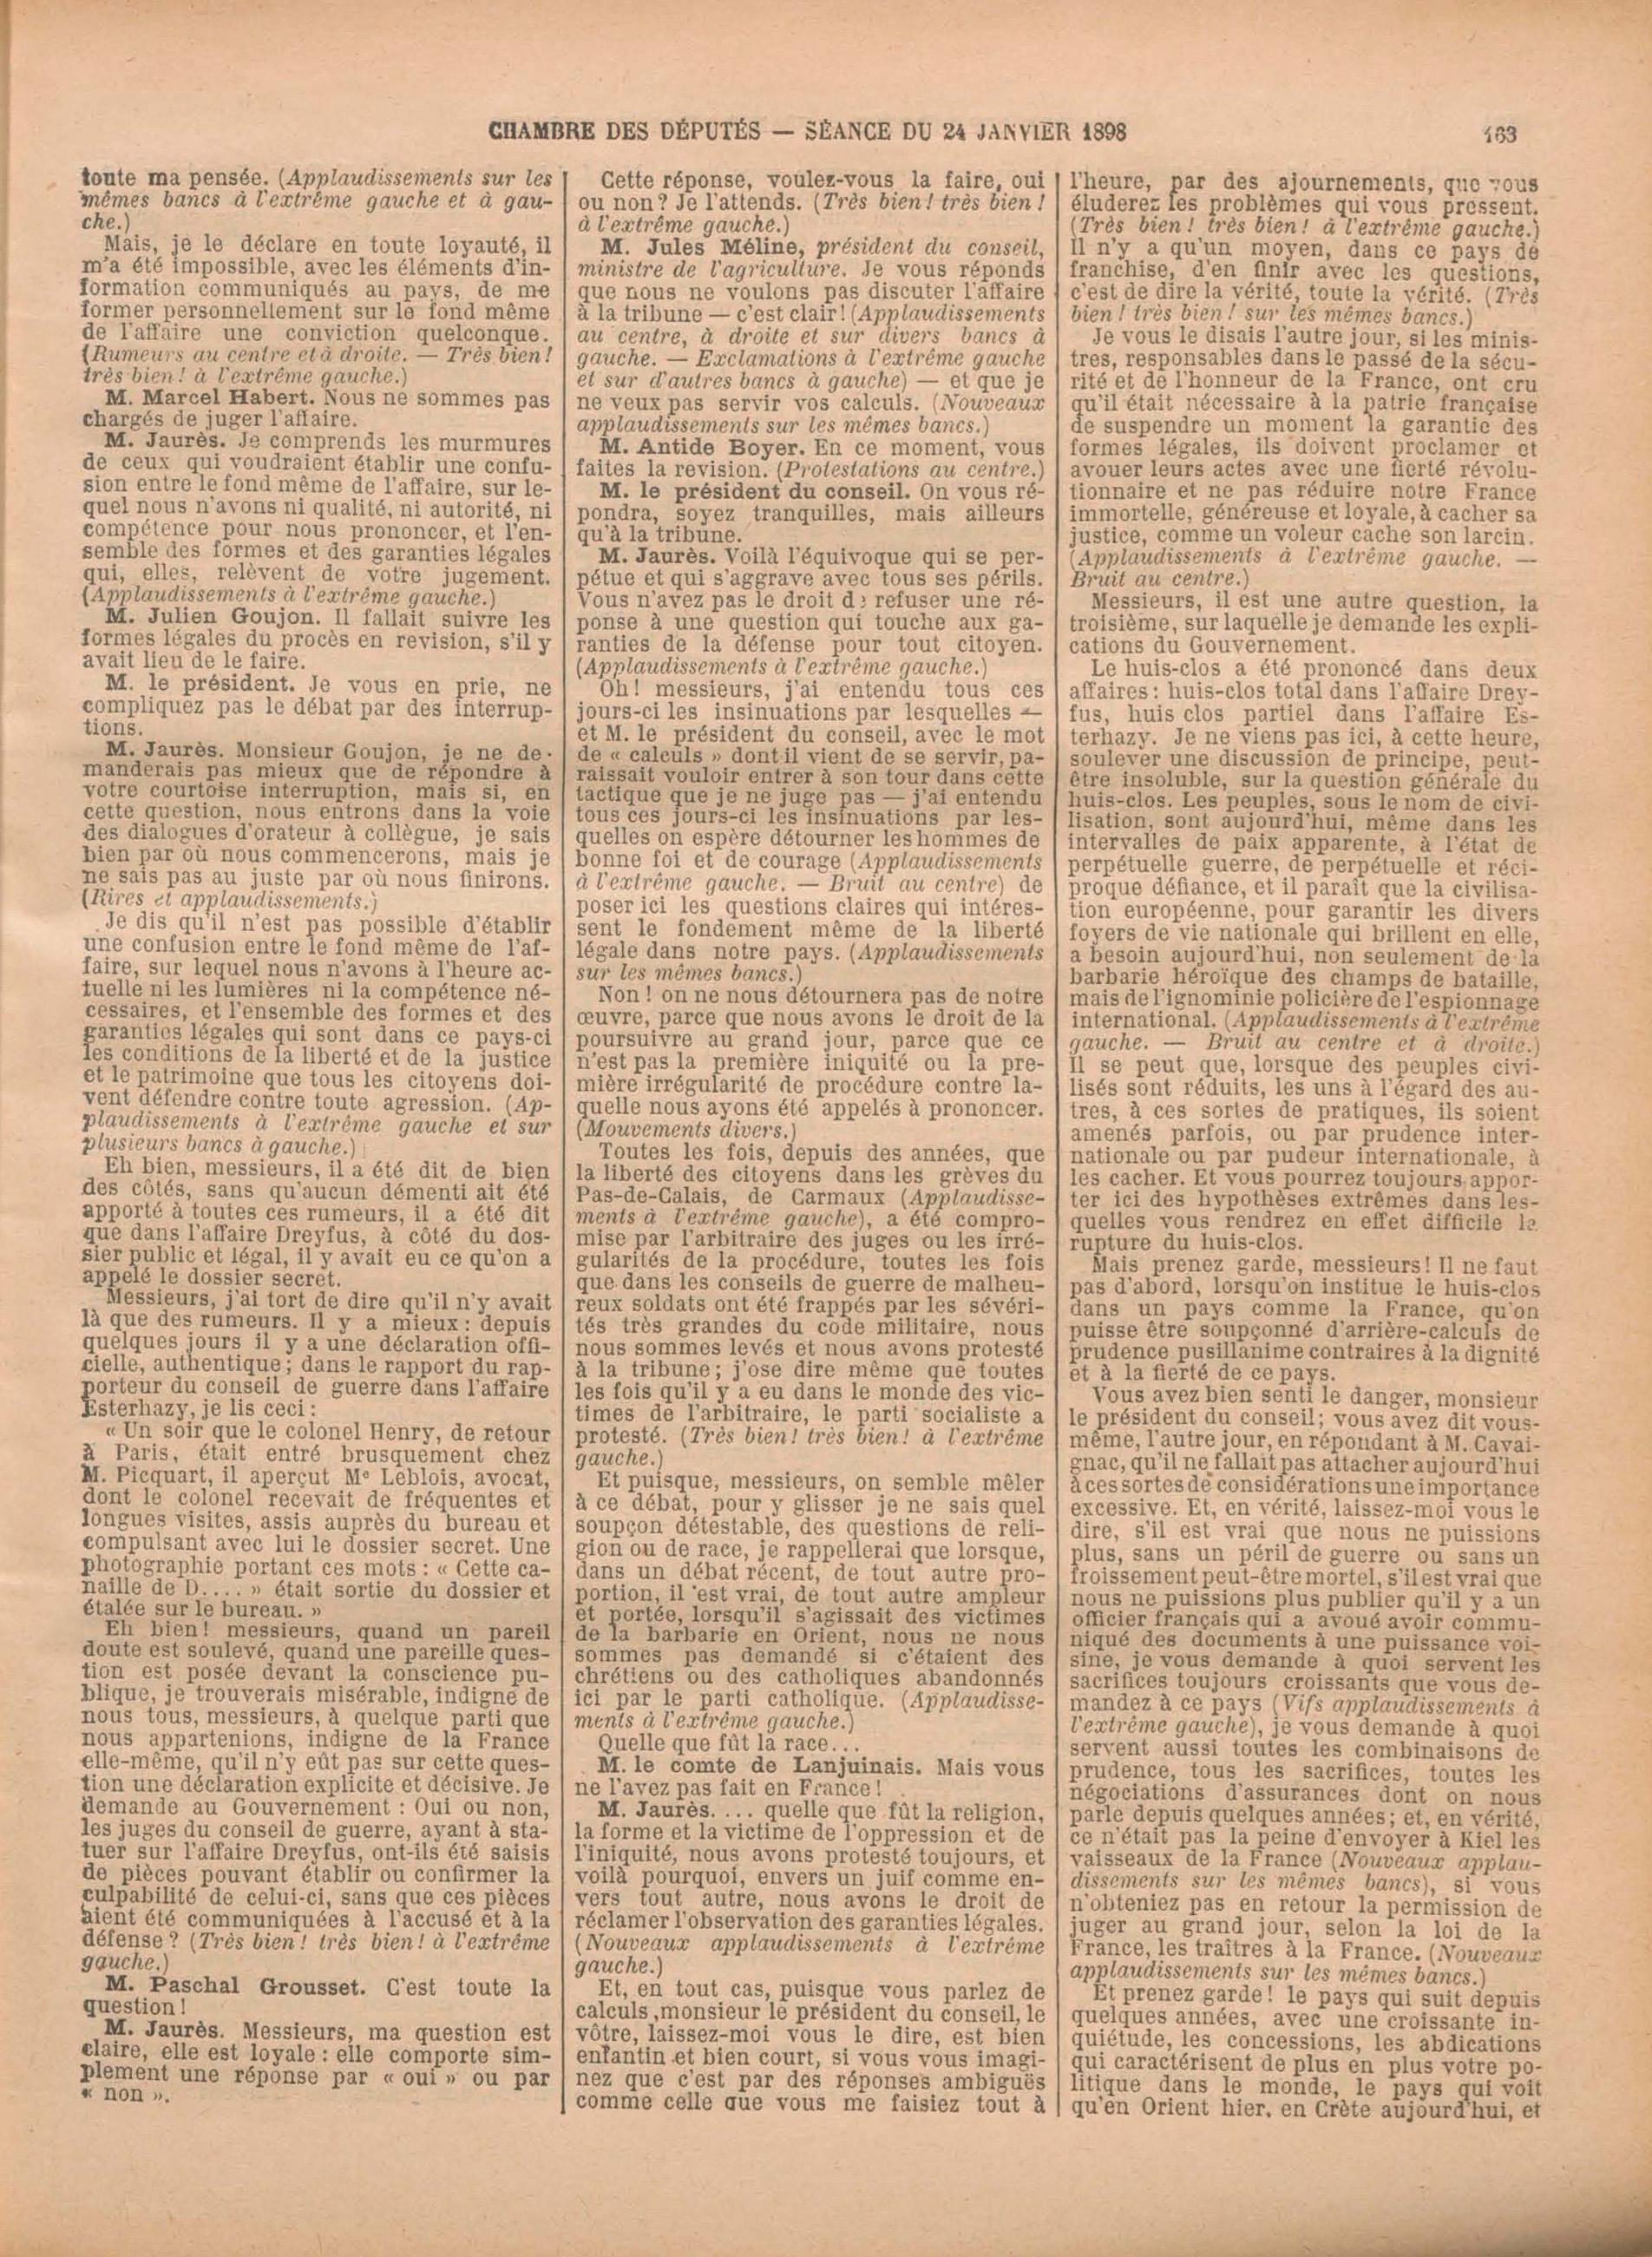 http://expo-paulviollet.univ-paris1.fr/wp-content/uploads/2017/09/Journal_officiel_de_la_République_séance-du-lundi-24-janvier-1898_Page_03.jpg